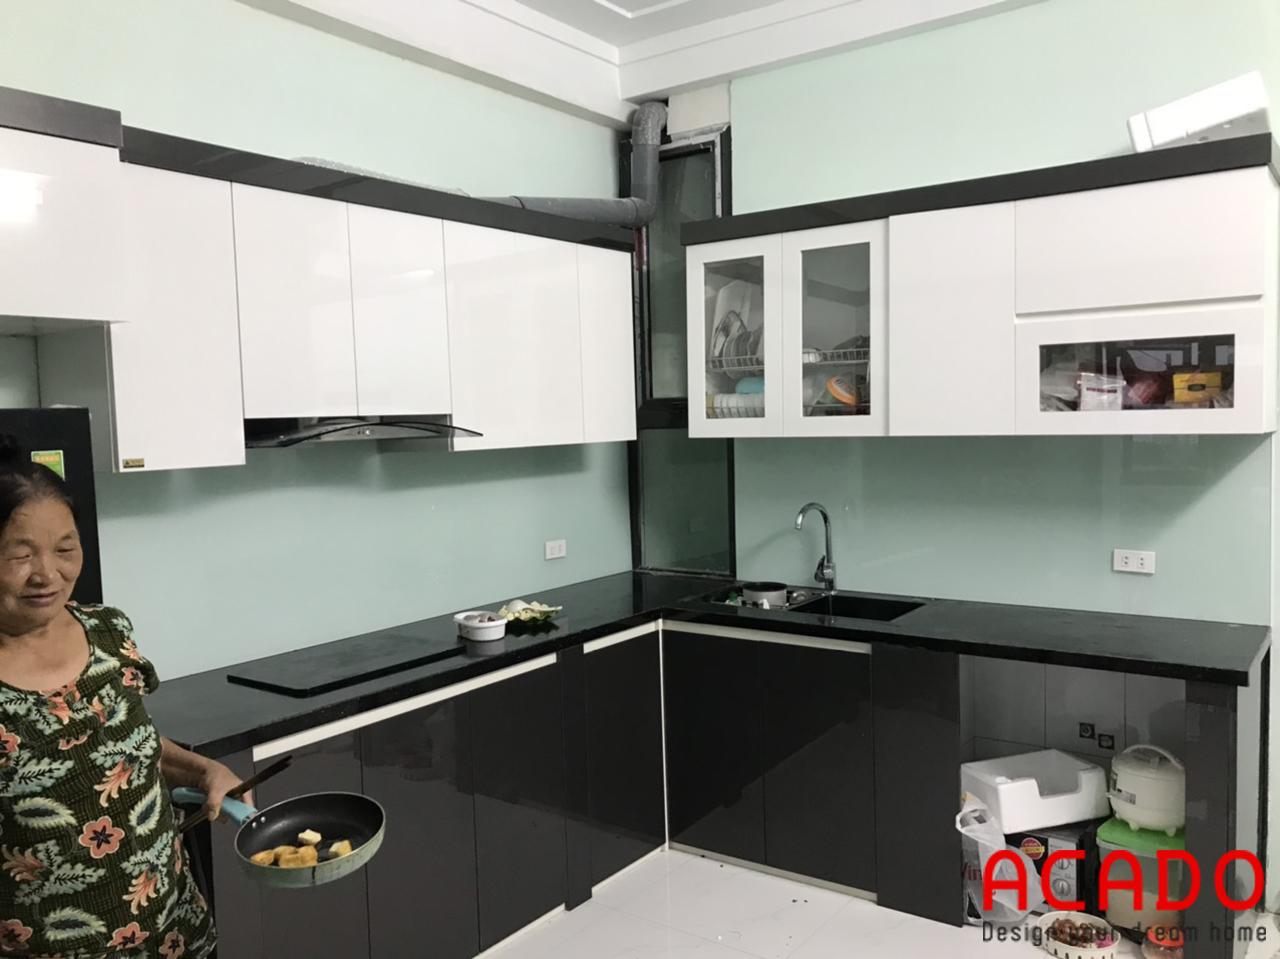 Tủ bếp Acrylic bóng gương kết hợp trắng và đen nổi bật